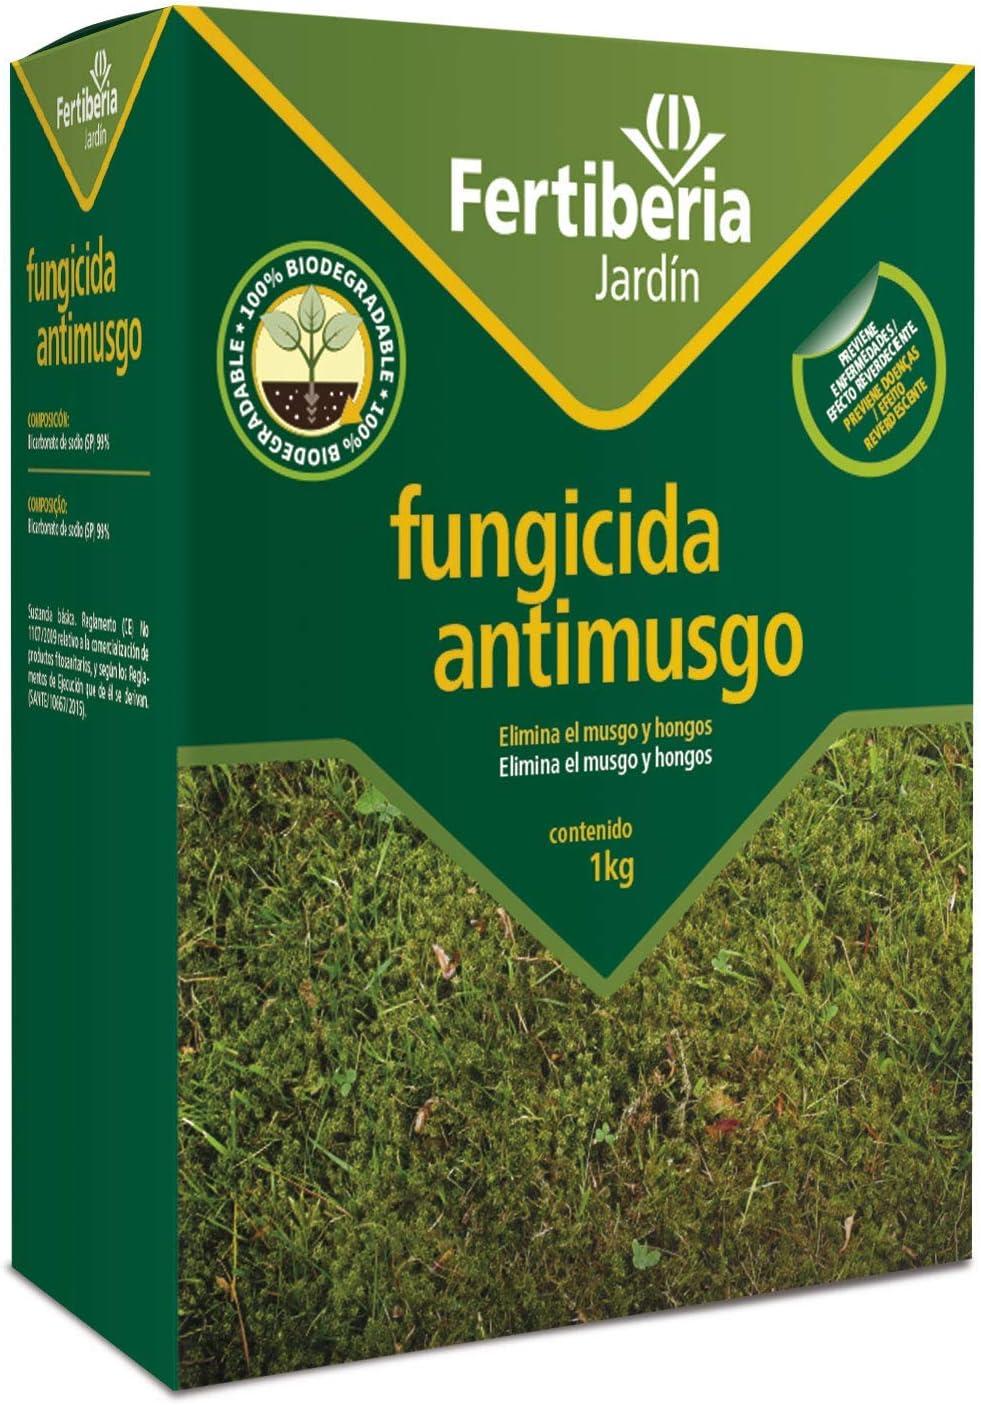 Tratamiento Fungicida Antimusgo para césped Fertiberia - 1 kg